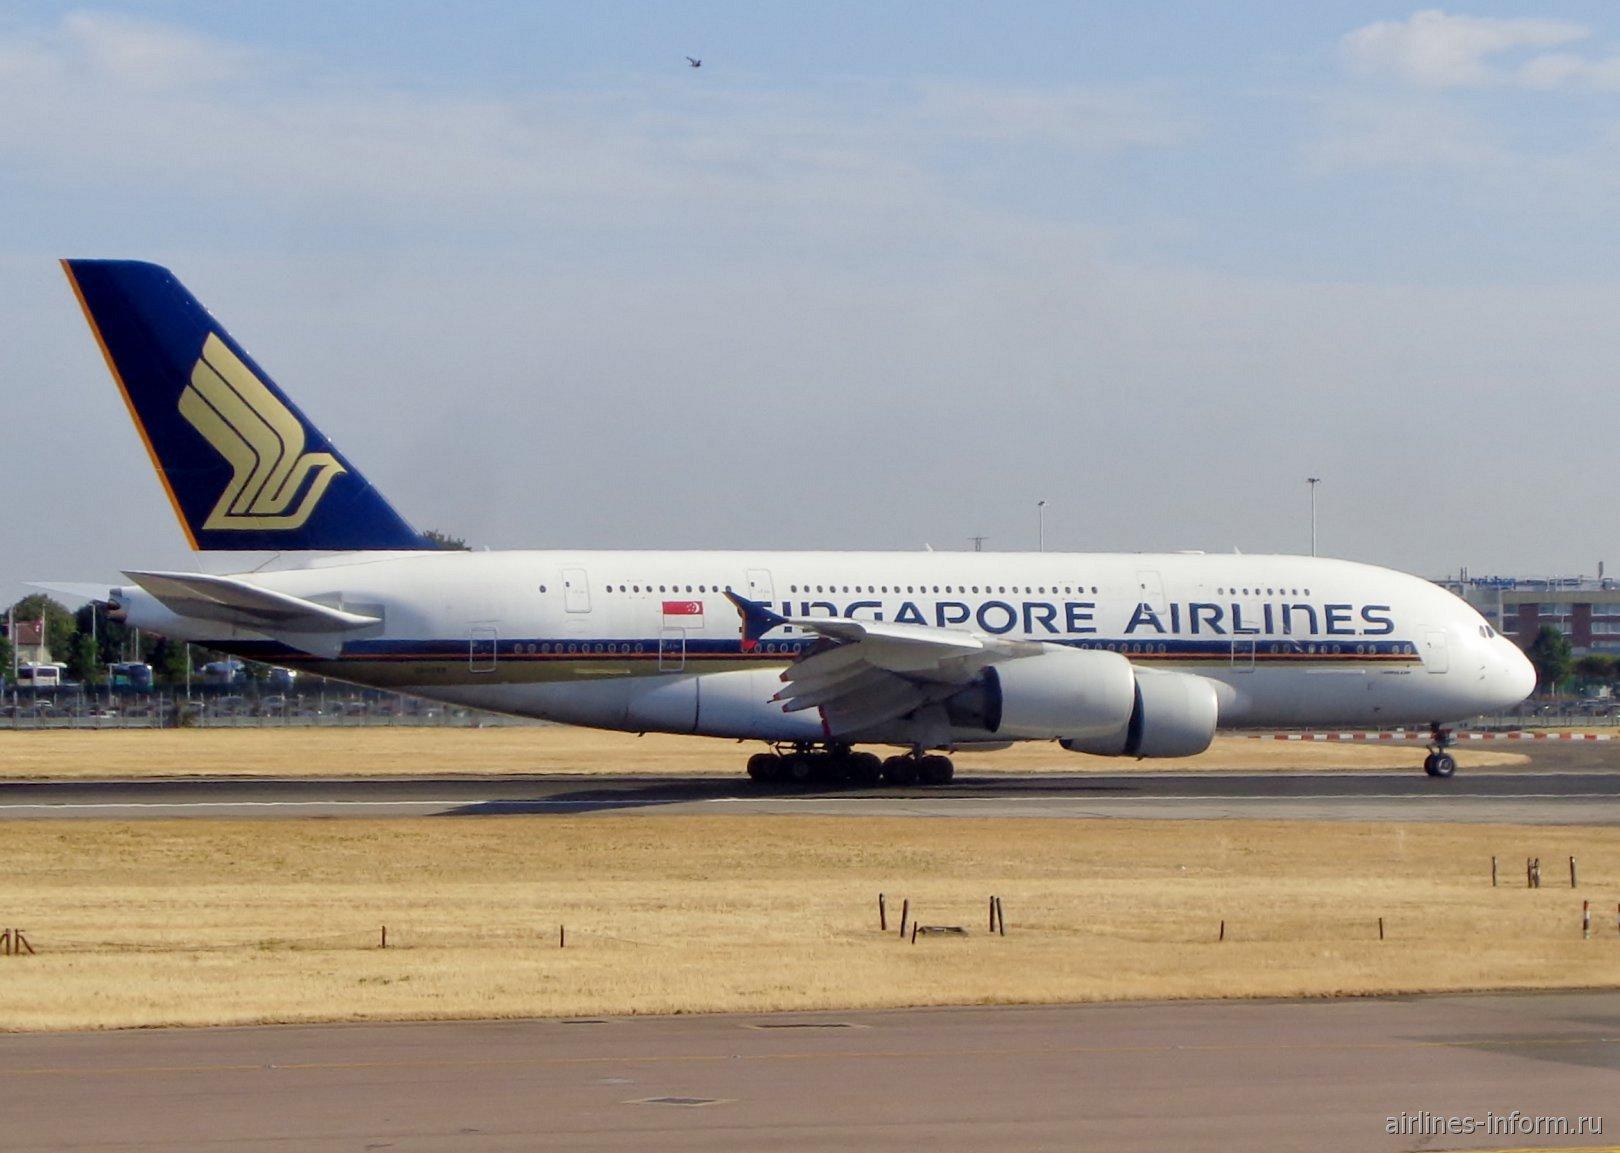 Самолет Airbus A380 Сингапурских авиалиний в аэропорту Лондон Хитроу